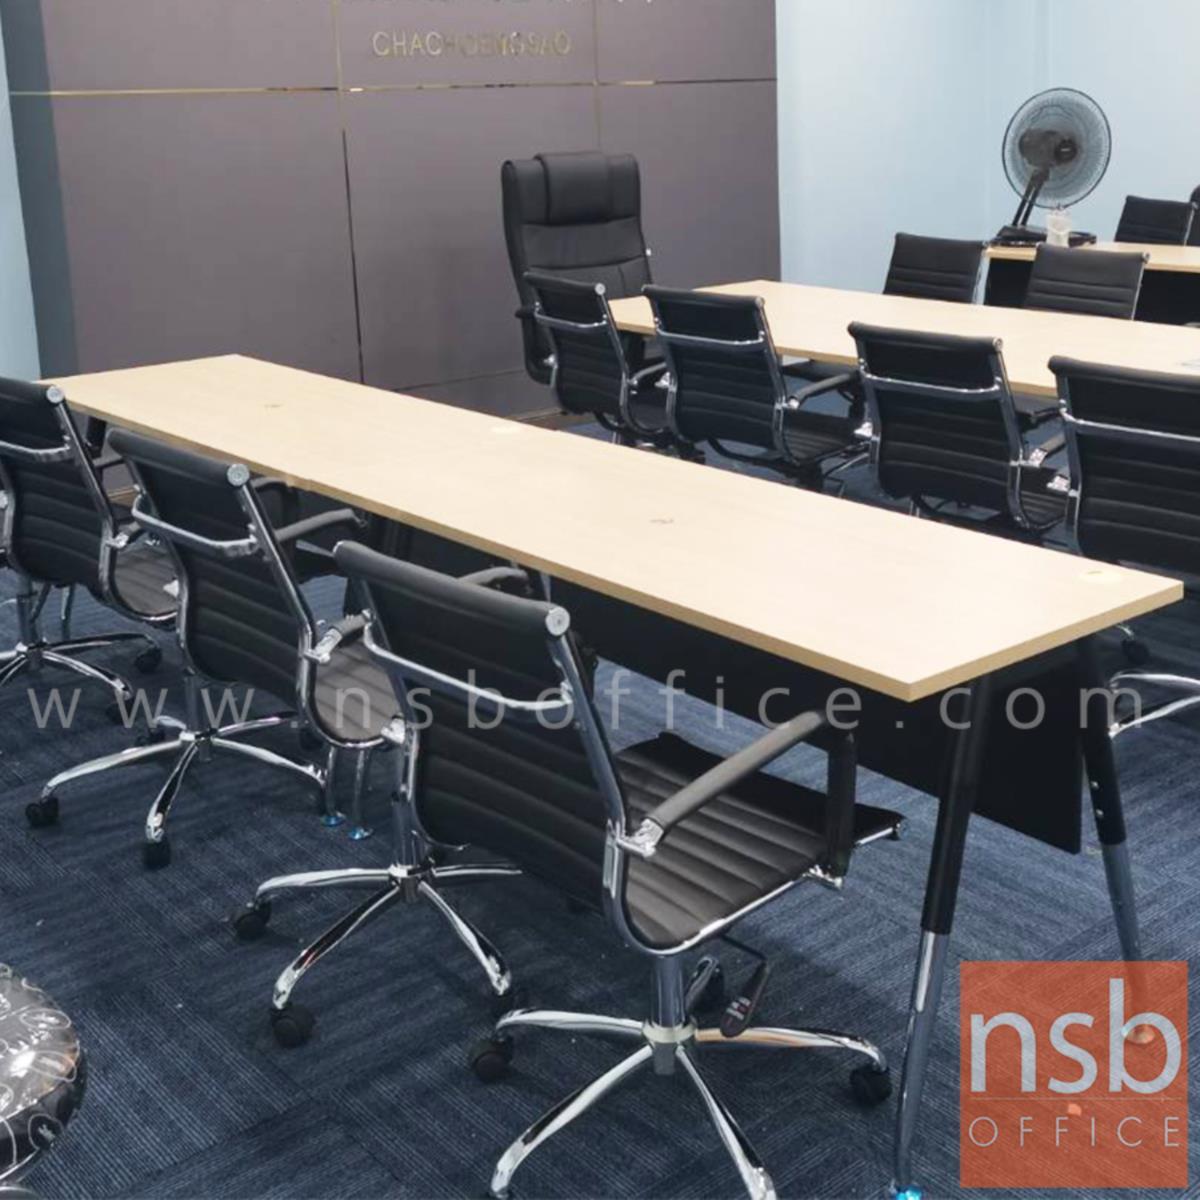 โต๊ะทำงาน บังโป๊ไม้ Taper  ขนาด 120W ,135W ,150W ,180W ,210W cm. ขาเหล็กวีคว่ำทำสี